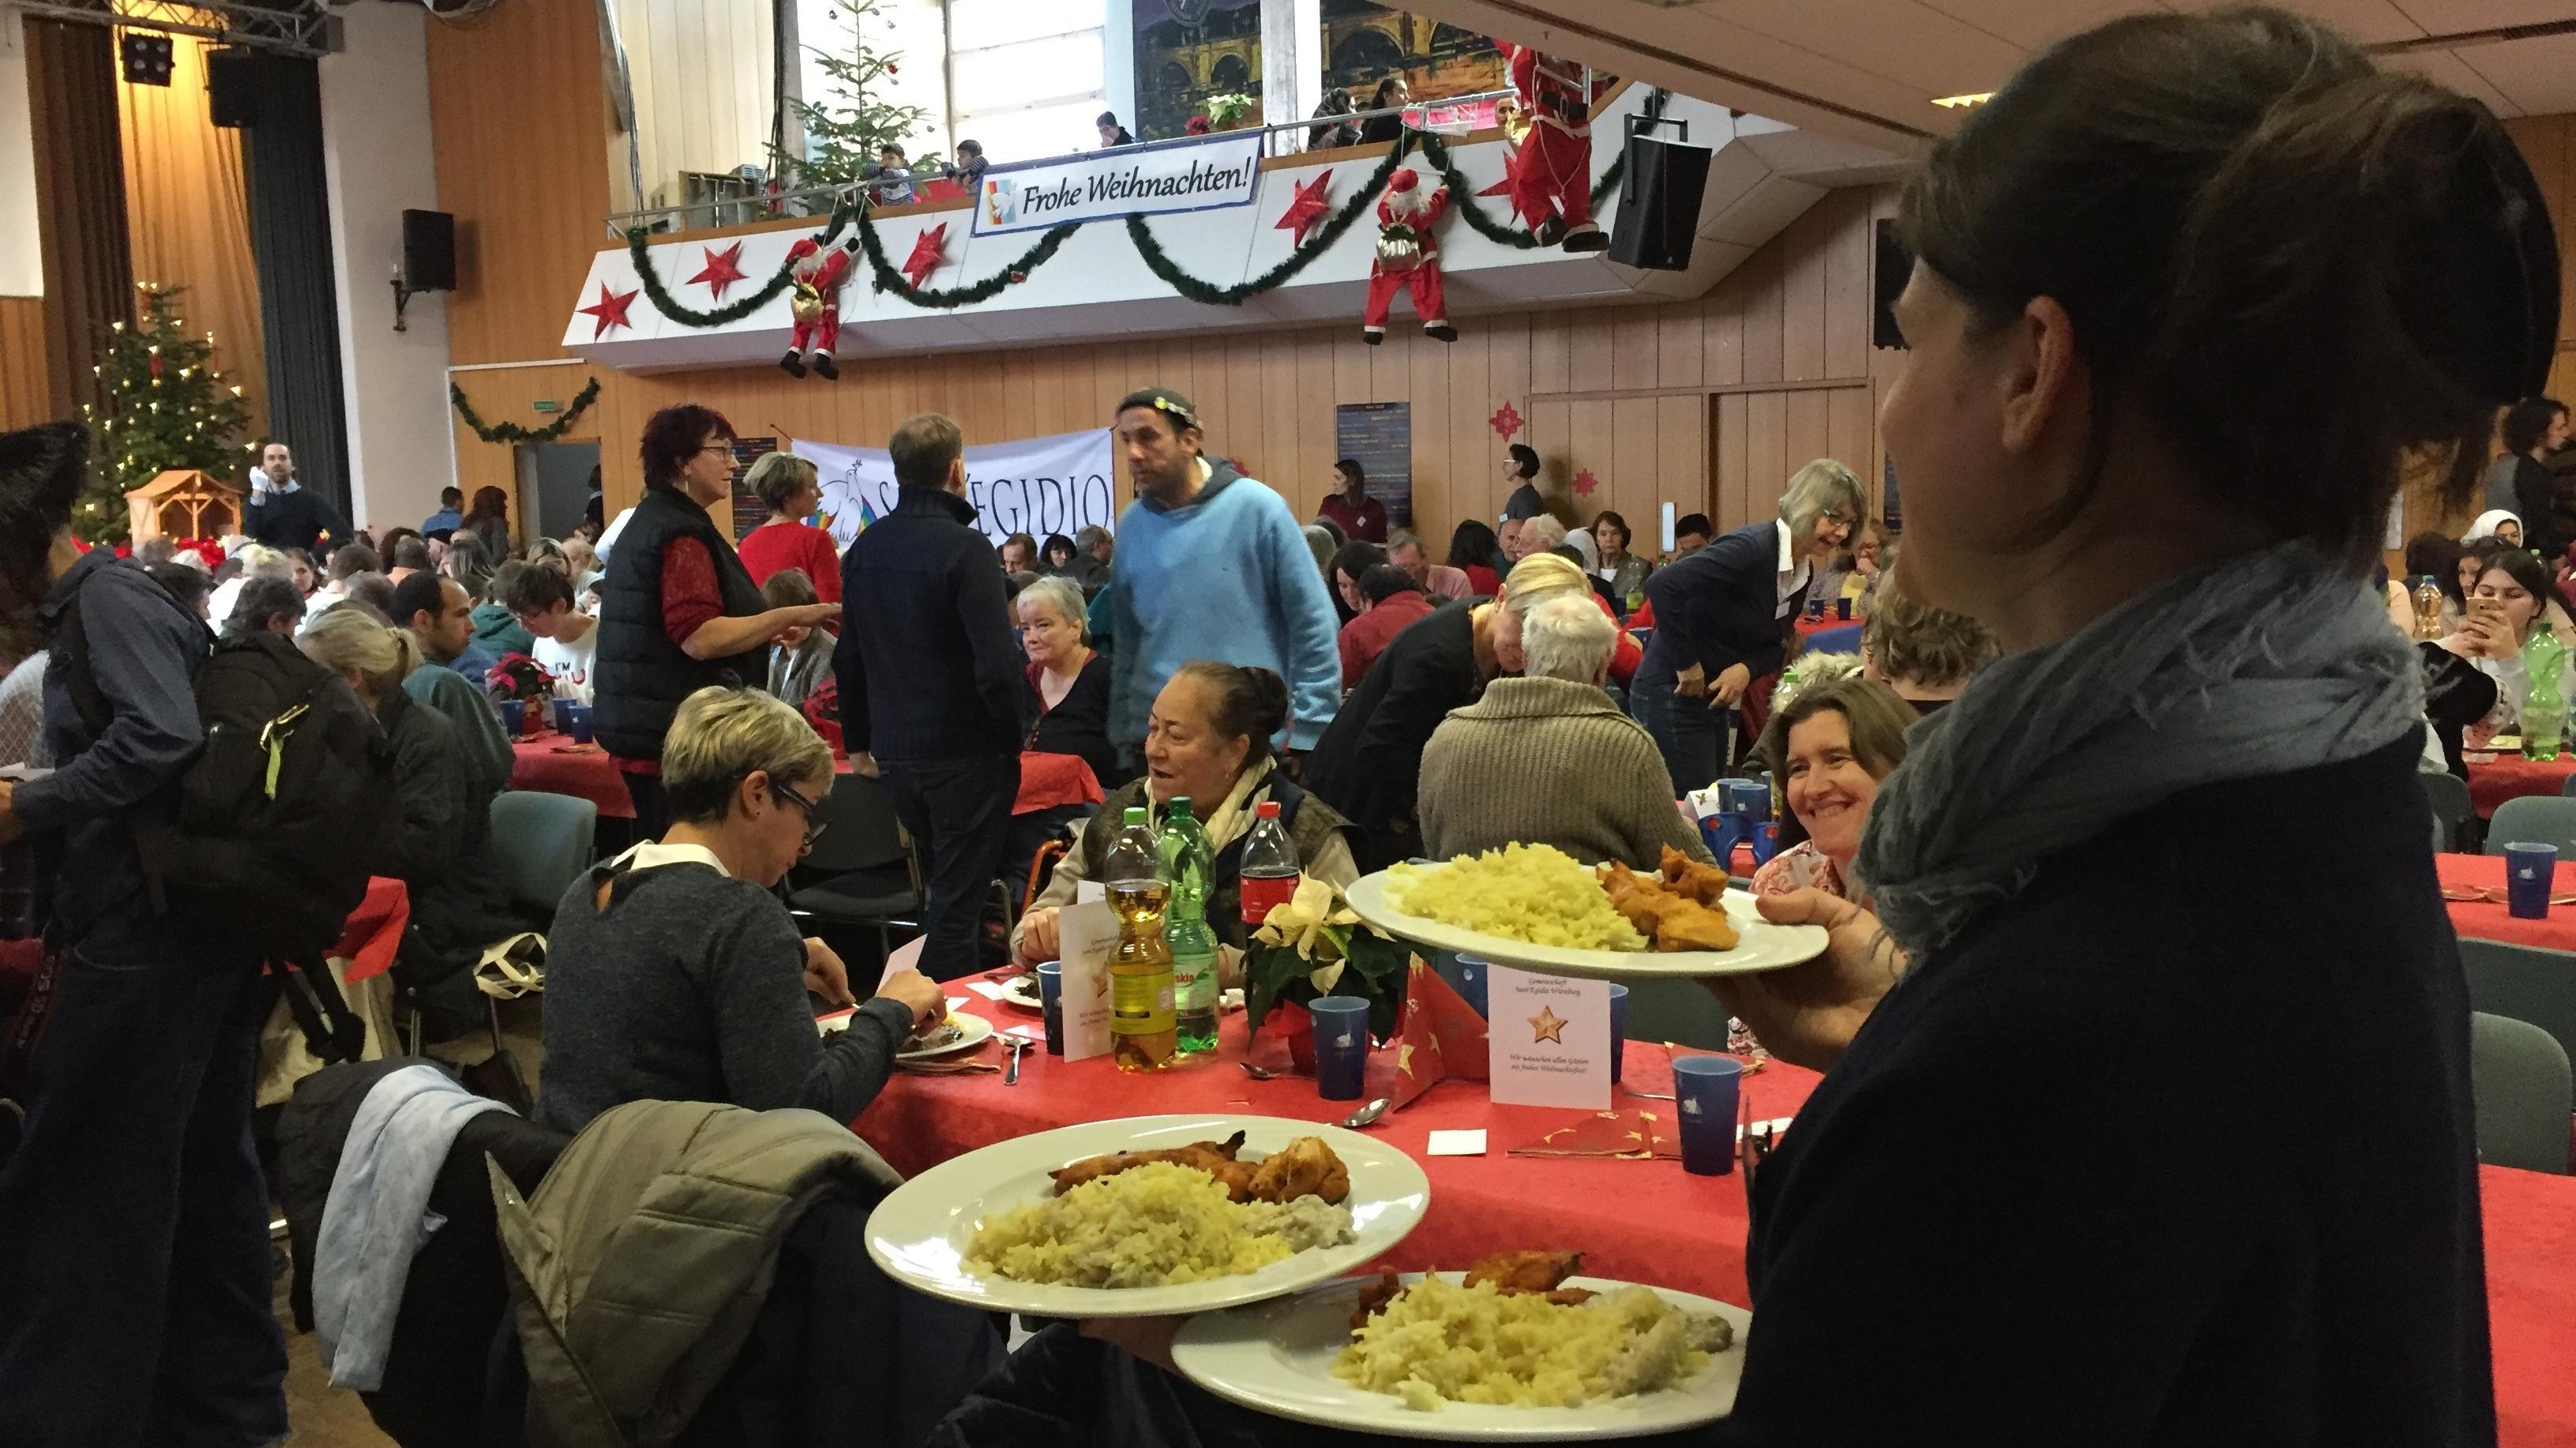 Eine von 400 freiwillige Helfern trägt Essen auf. Im großen Festsaal des Gemeindezentrum Heilig Kreuz in Würzburg gab es für Hähnchenbrust mit Reis für die geladenen Gäste: Alte, Alleinstehende, Bedürftige, Flüchtlinge oder Obdachlose.